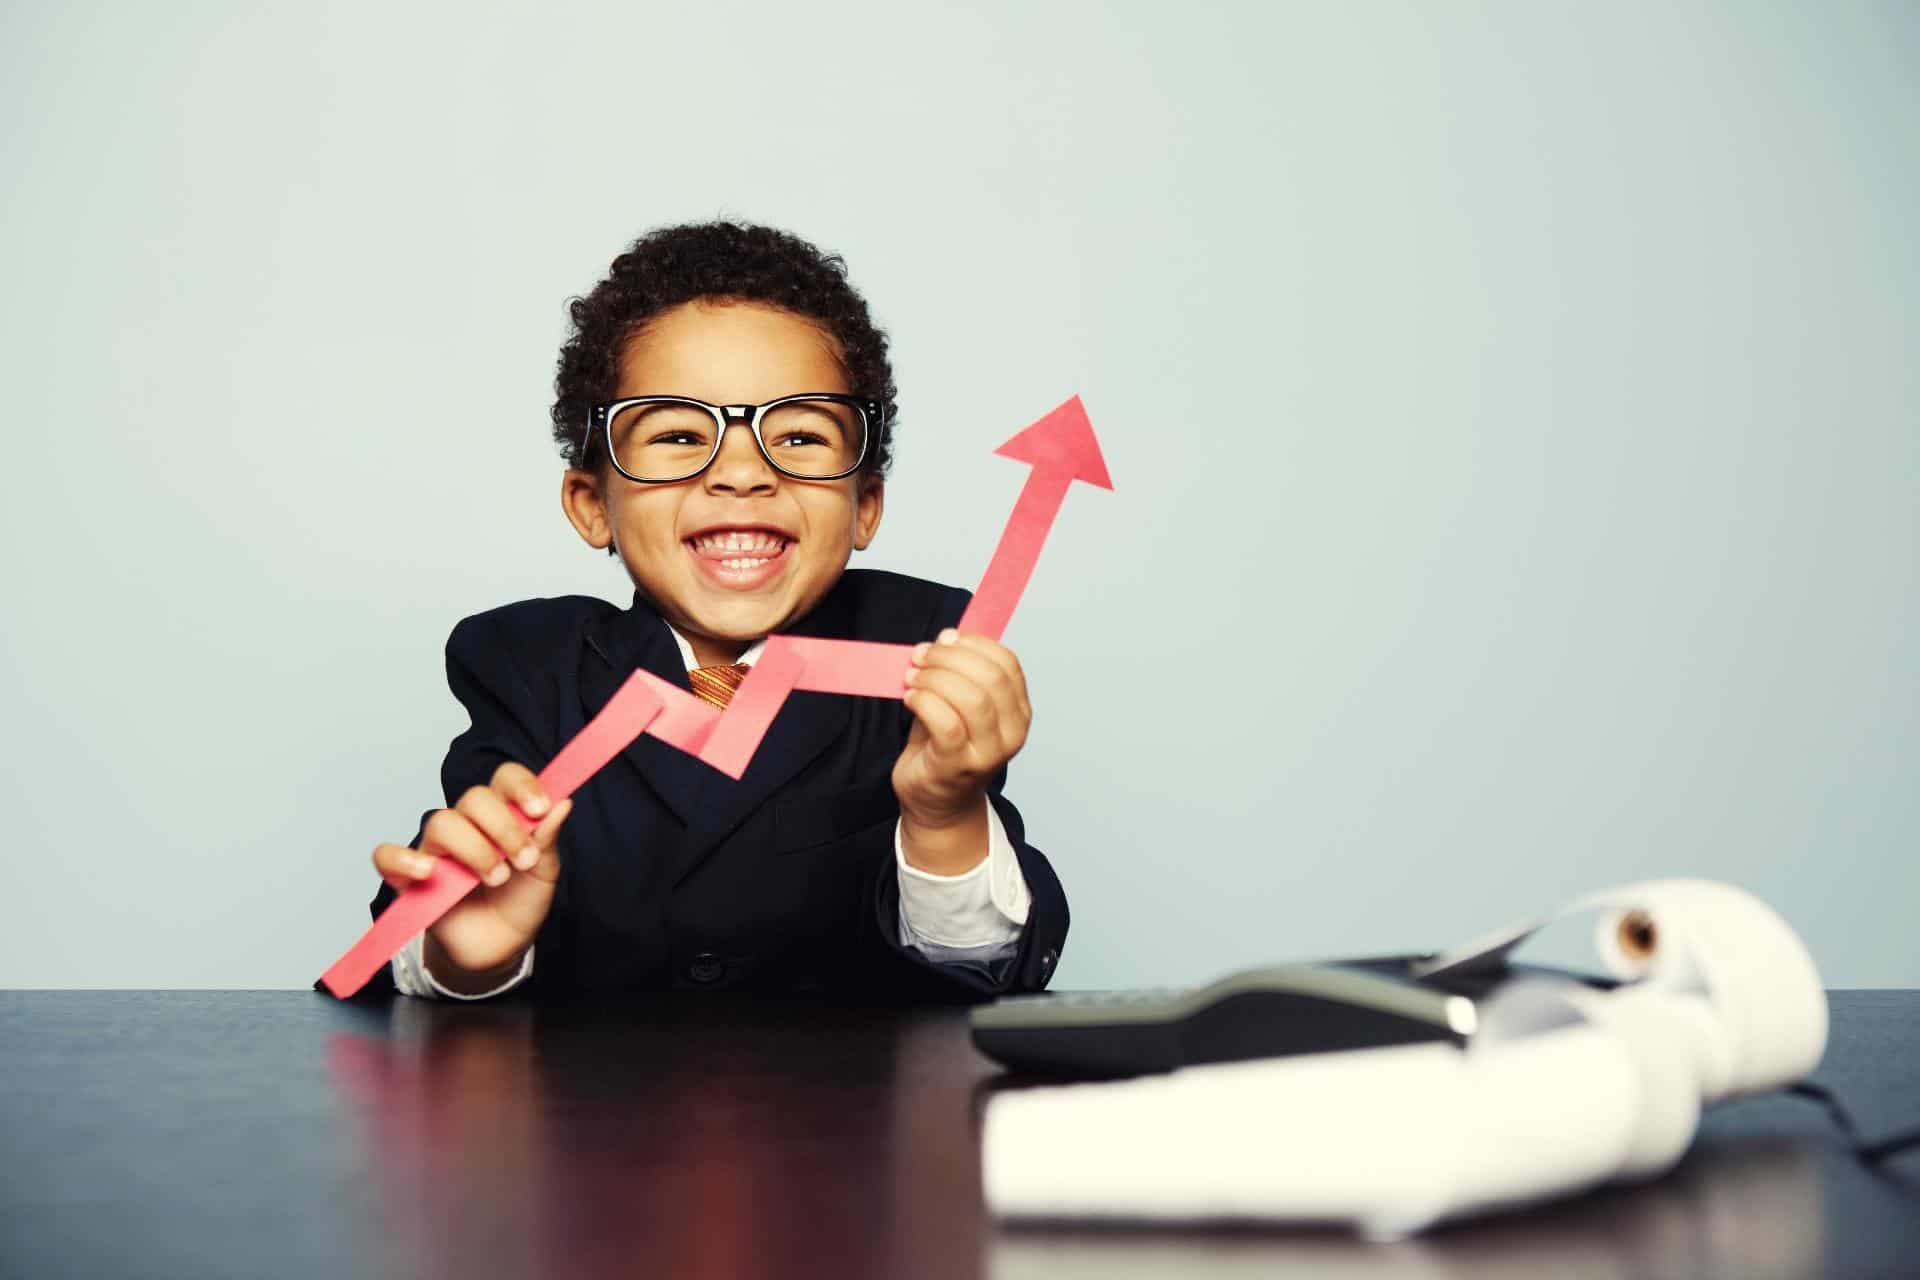 Monte uma carteira ideal para as crianças pelo programa 'Meu Filho Investidor'